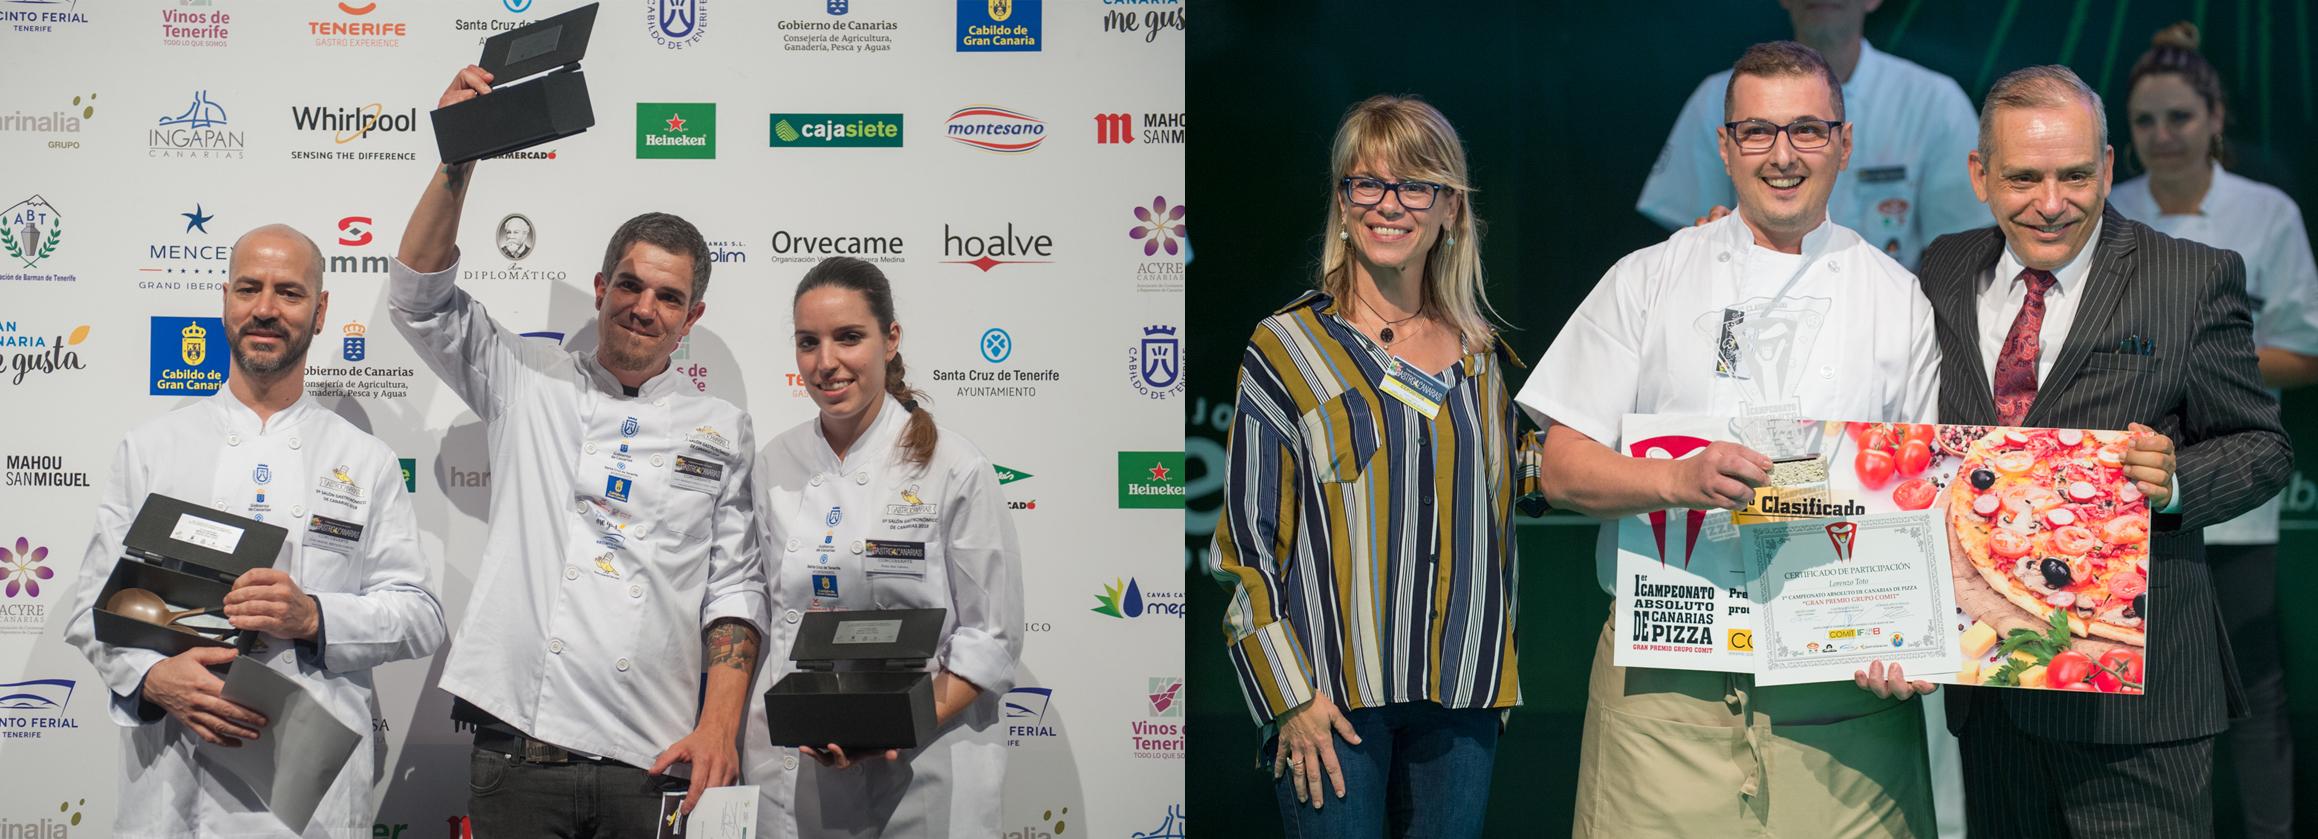 Ganadores del Concurso de Cocina y de Pizzas GastroCanarias